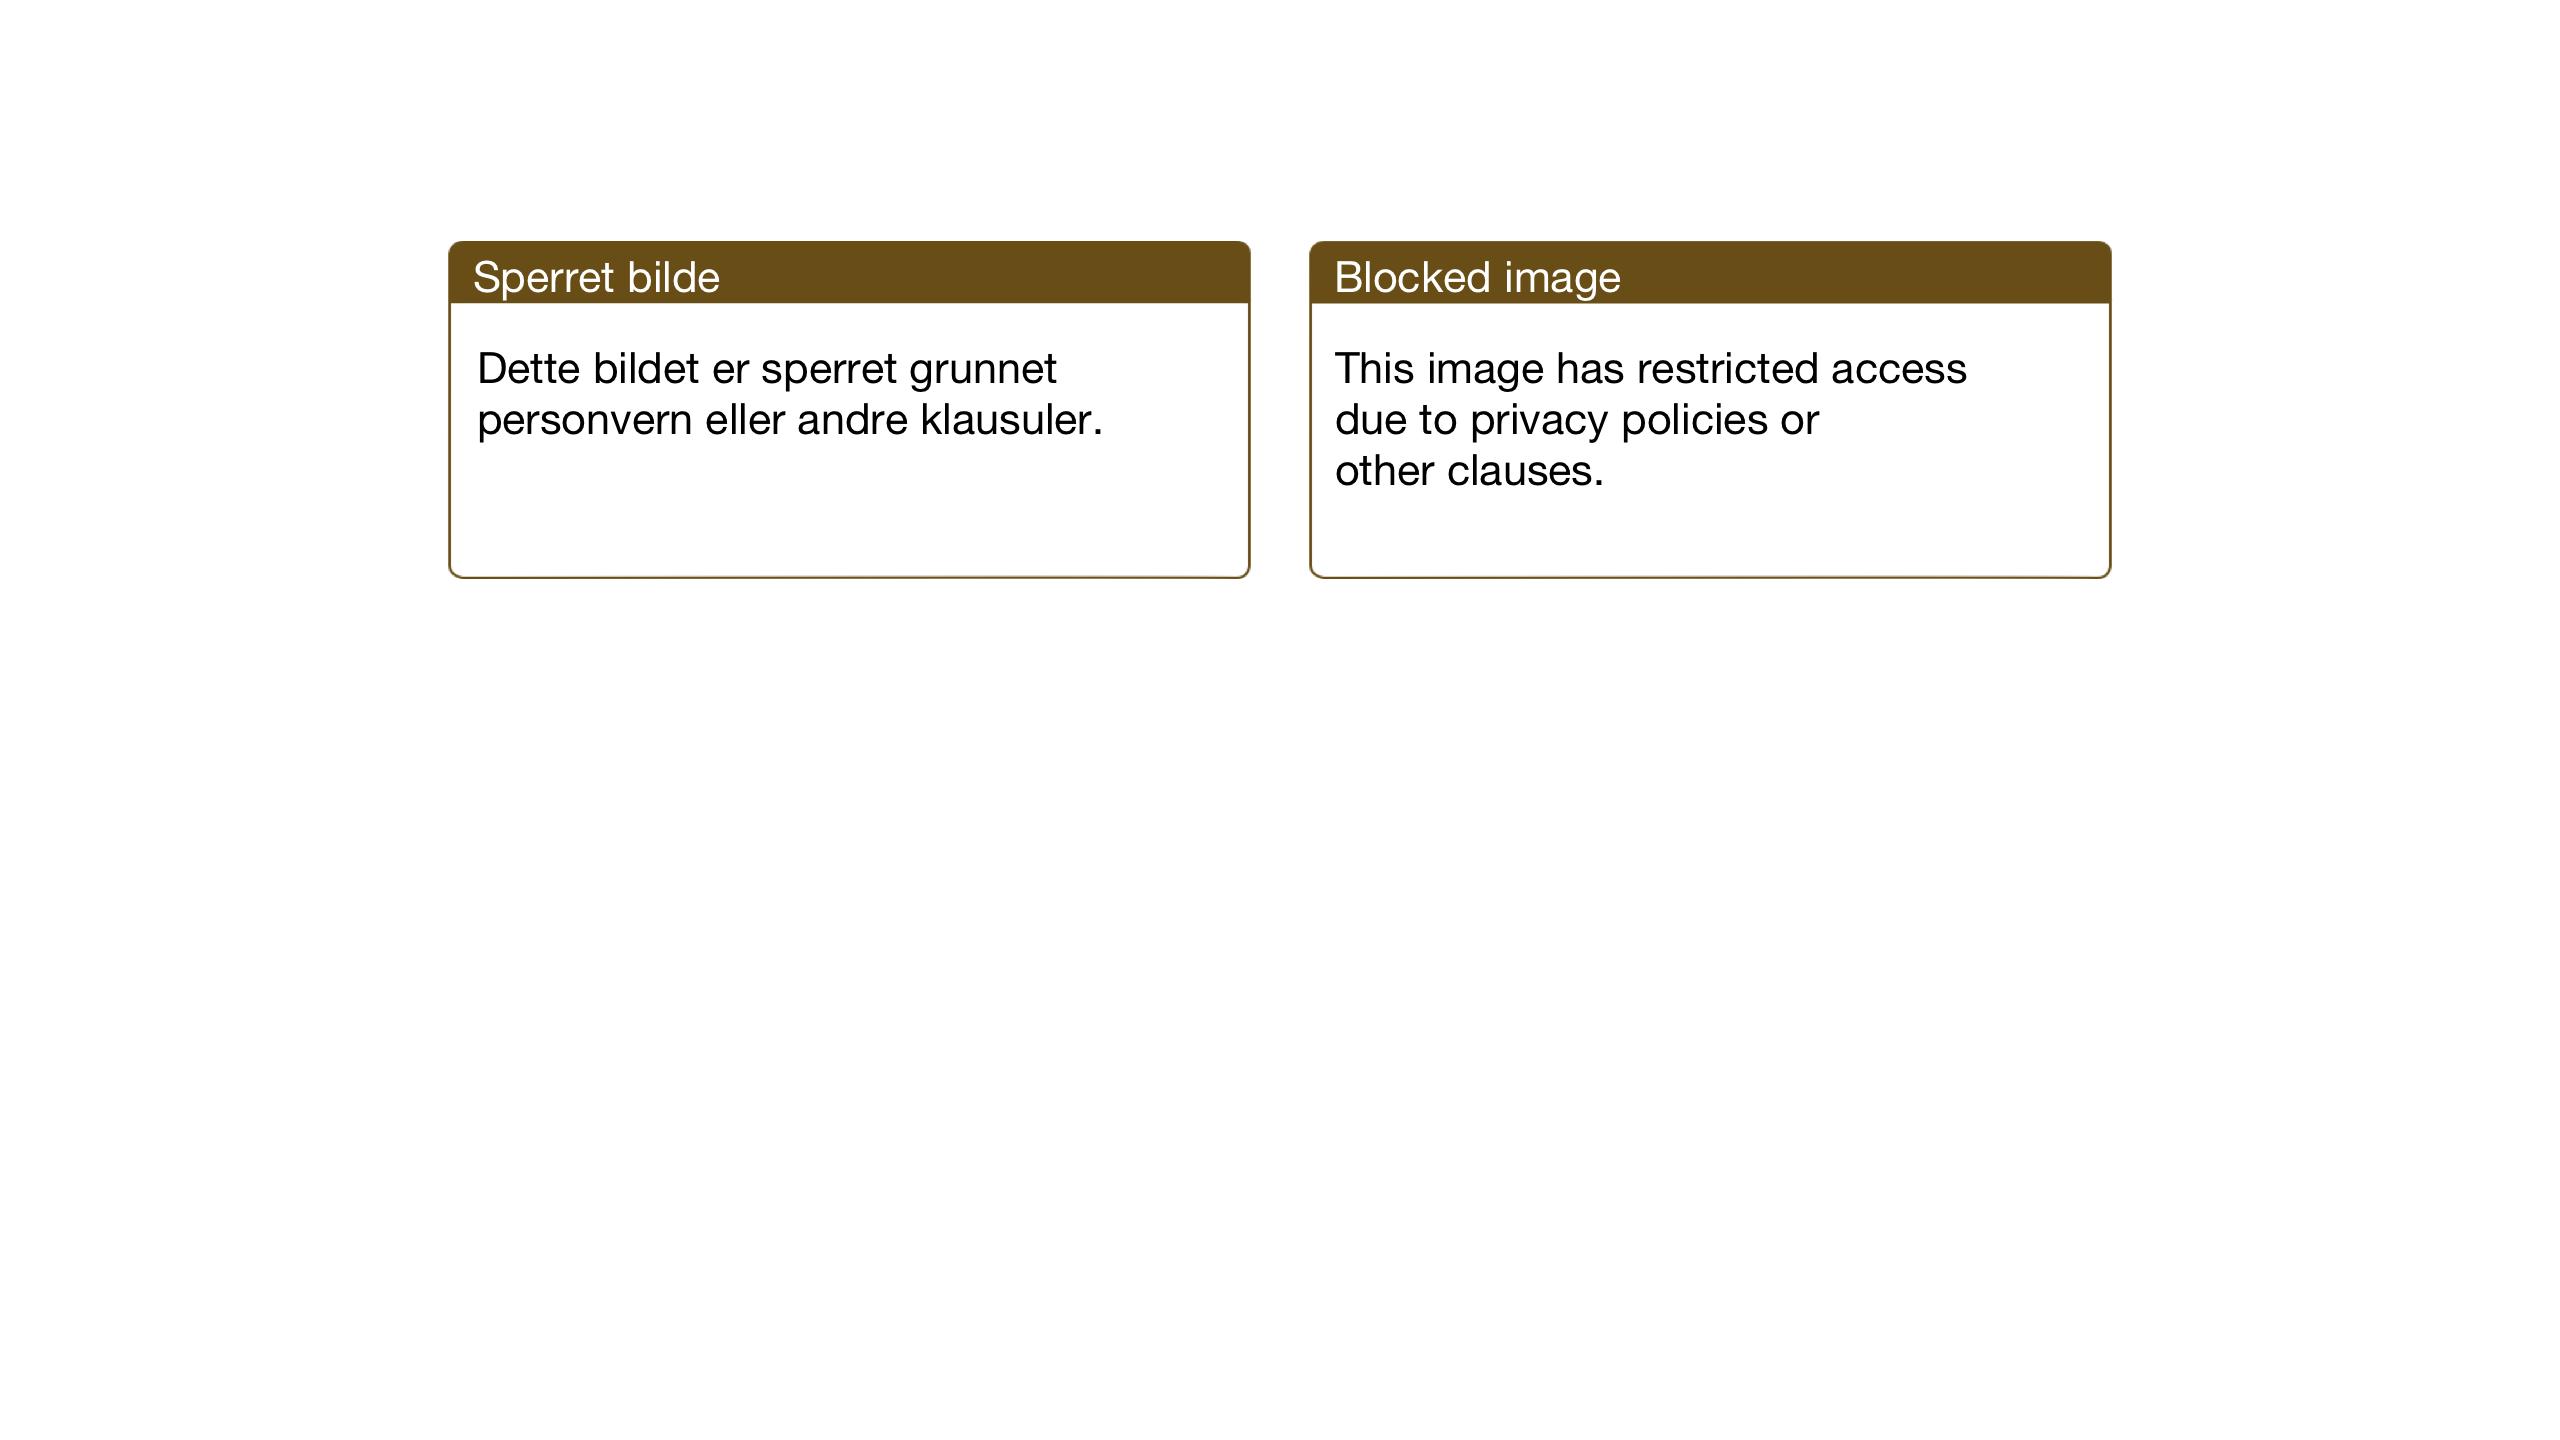 SAT, Ministerialprotokoller, klokkerbøker og fødselsregistre - Sør-Trøndelag, 657/L0718: Klokkerbok nr. 657C05, 1923-1948, s. 311